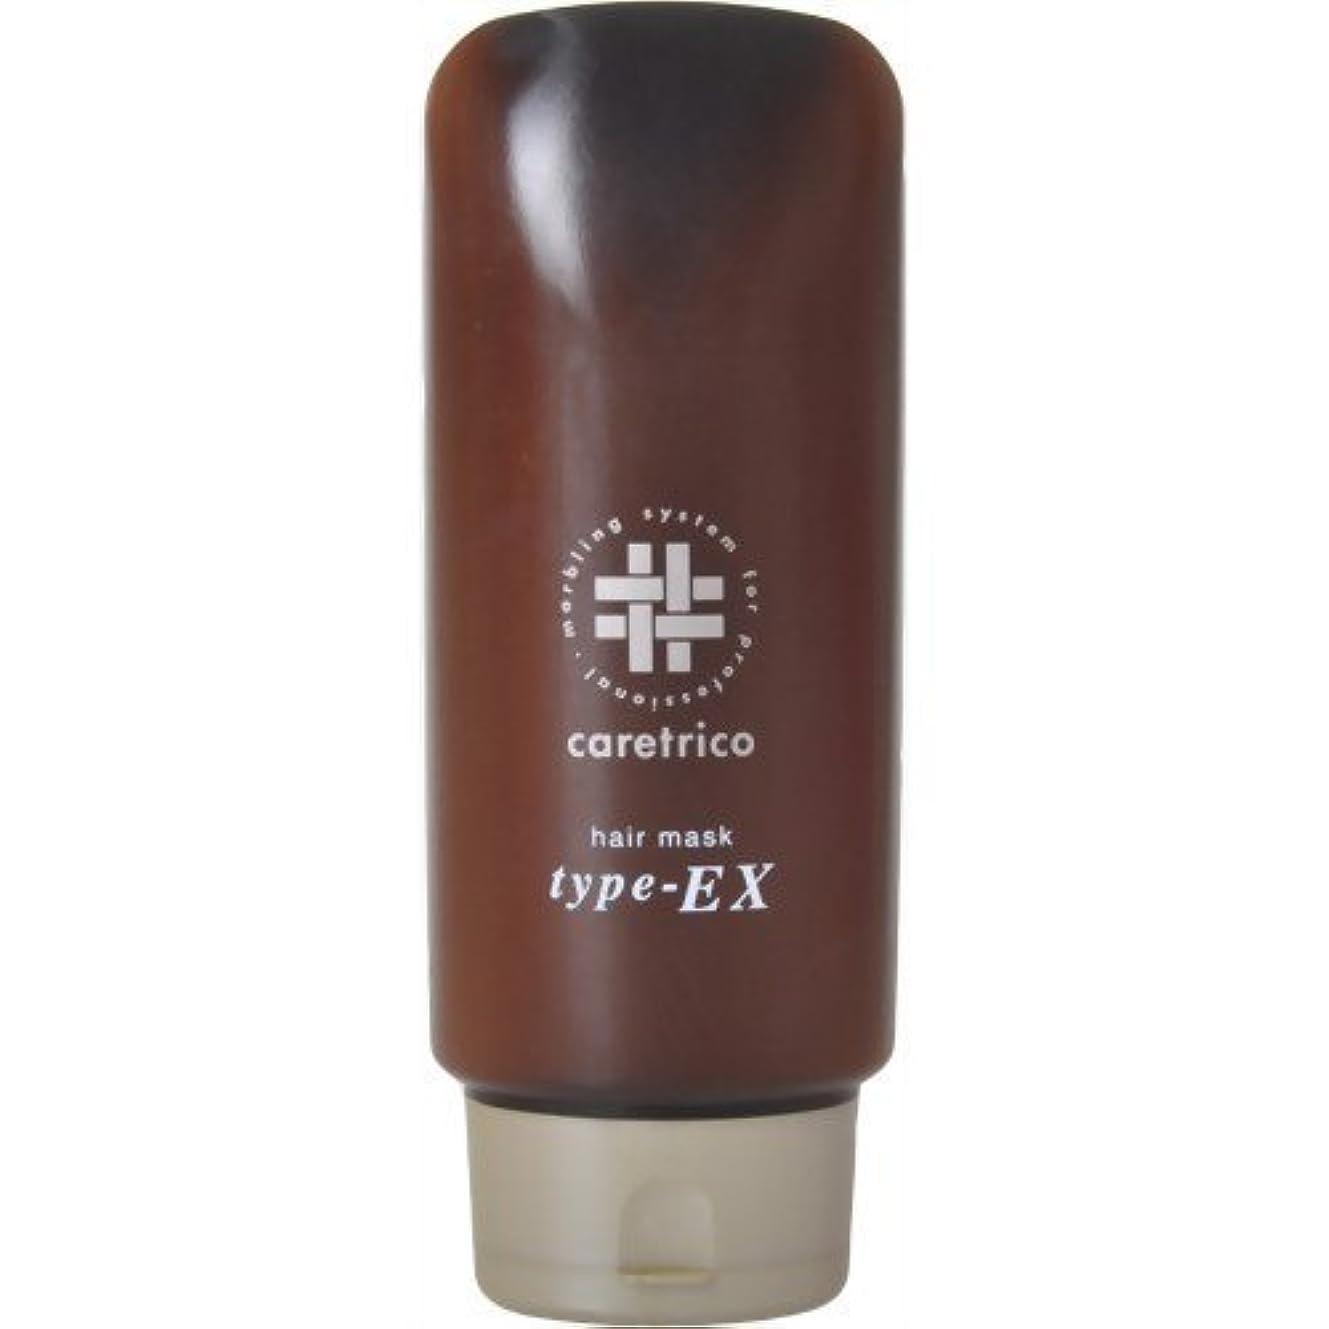 責める悪意のある花瓶ケアトリコ ヘアマスク EX 230g